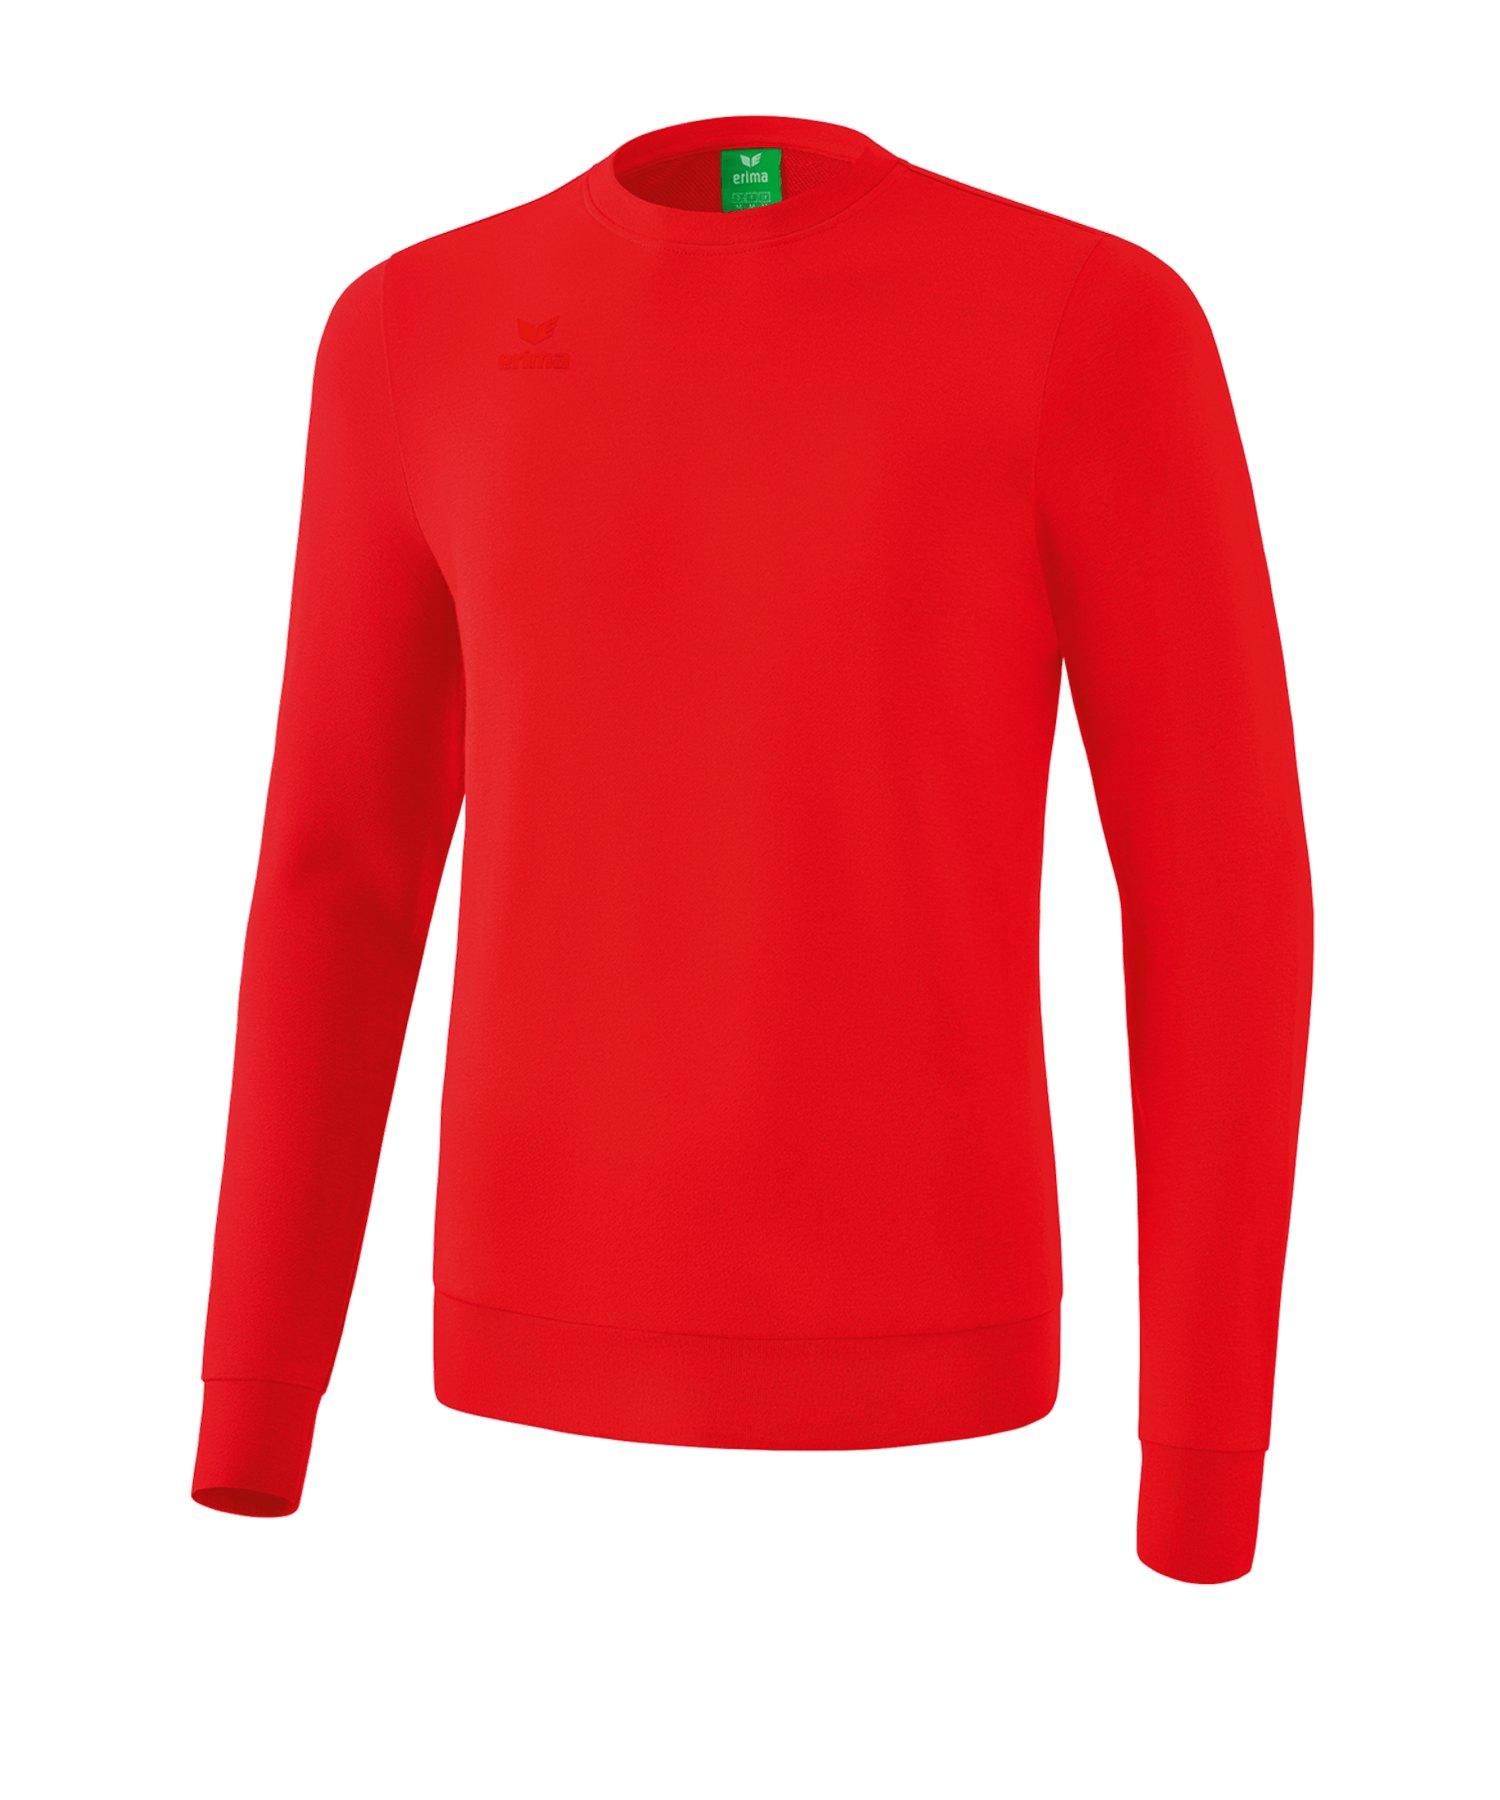 Erima Basic Sweatshirt Rot - rot